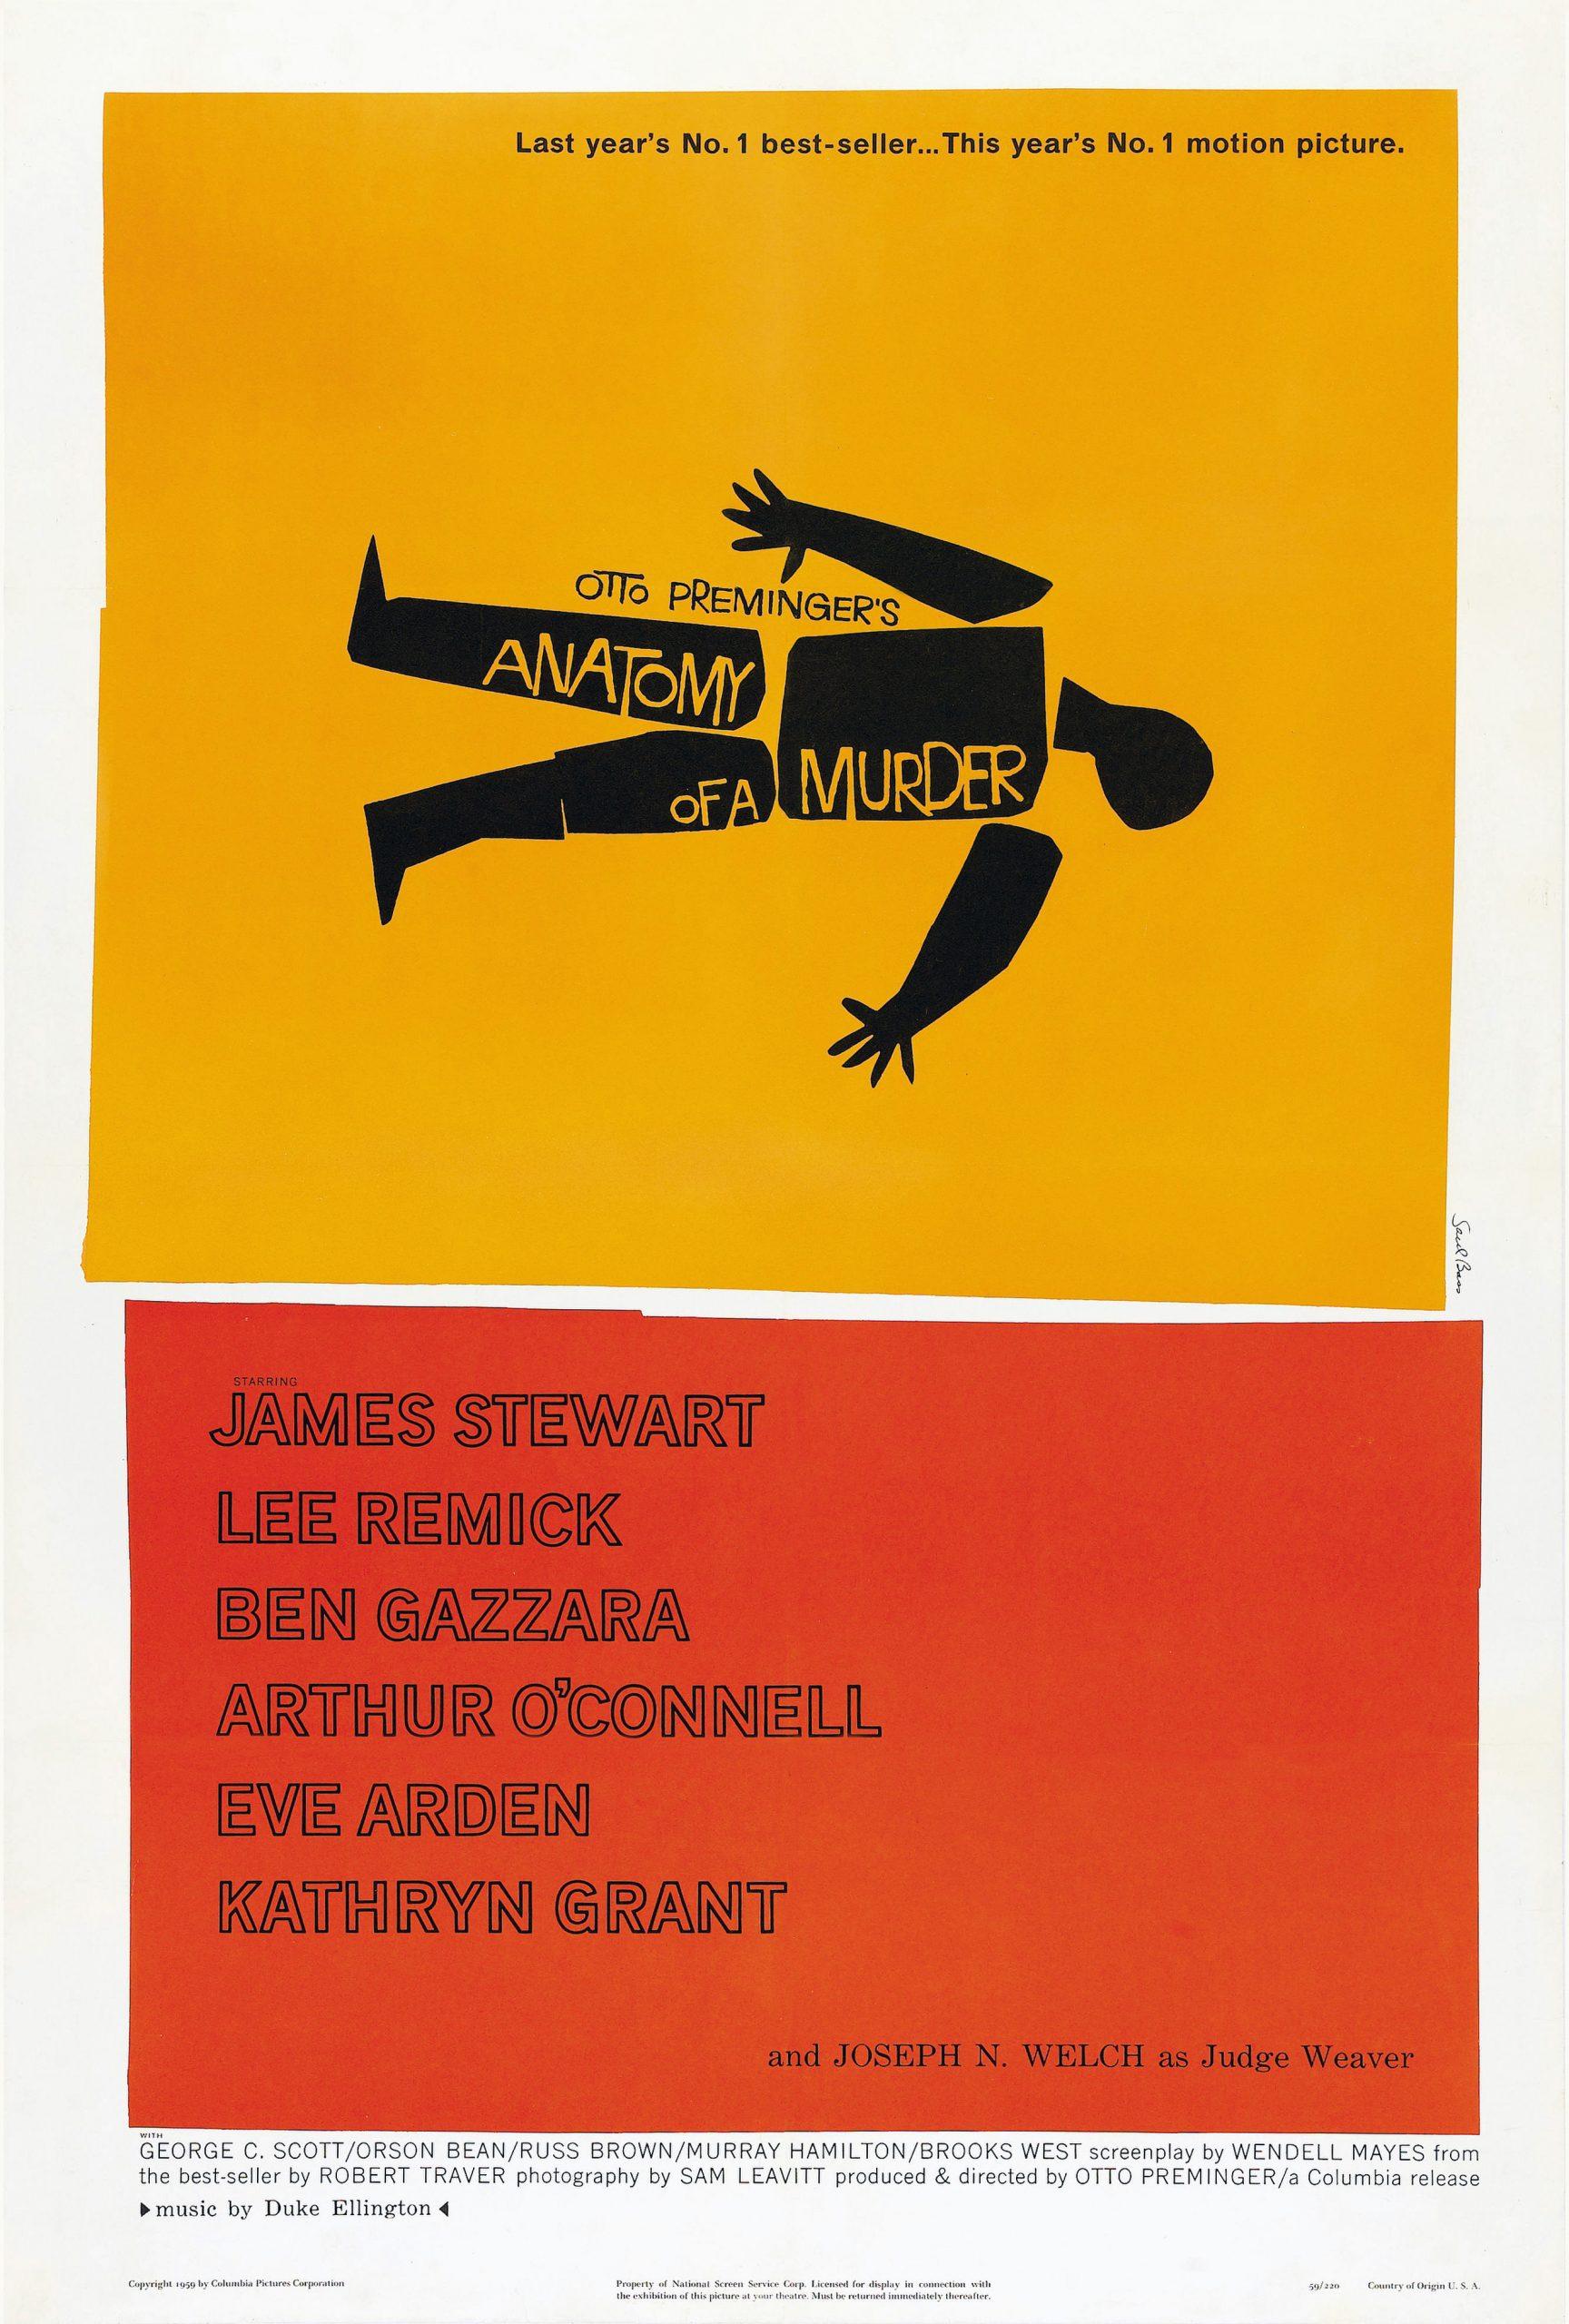 Anatomy of a murder movie poster design